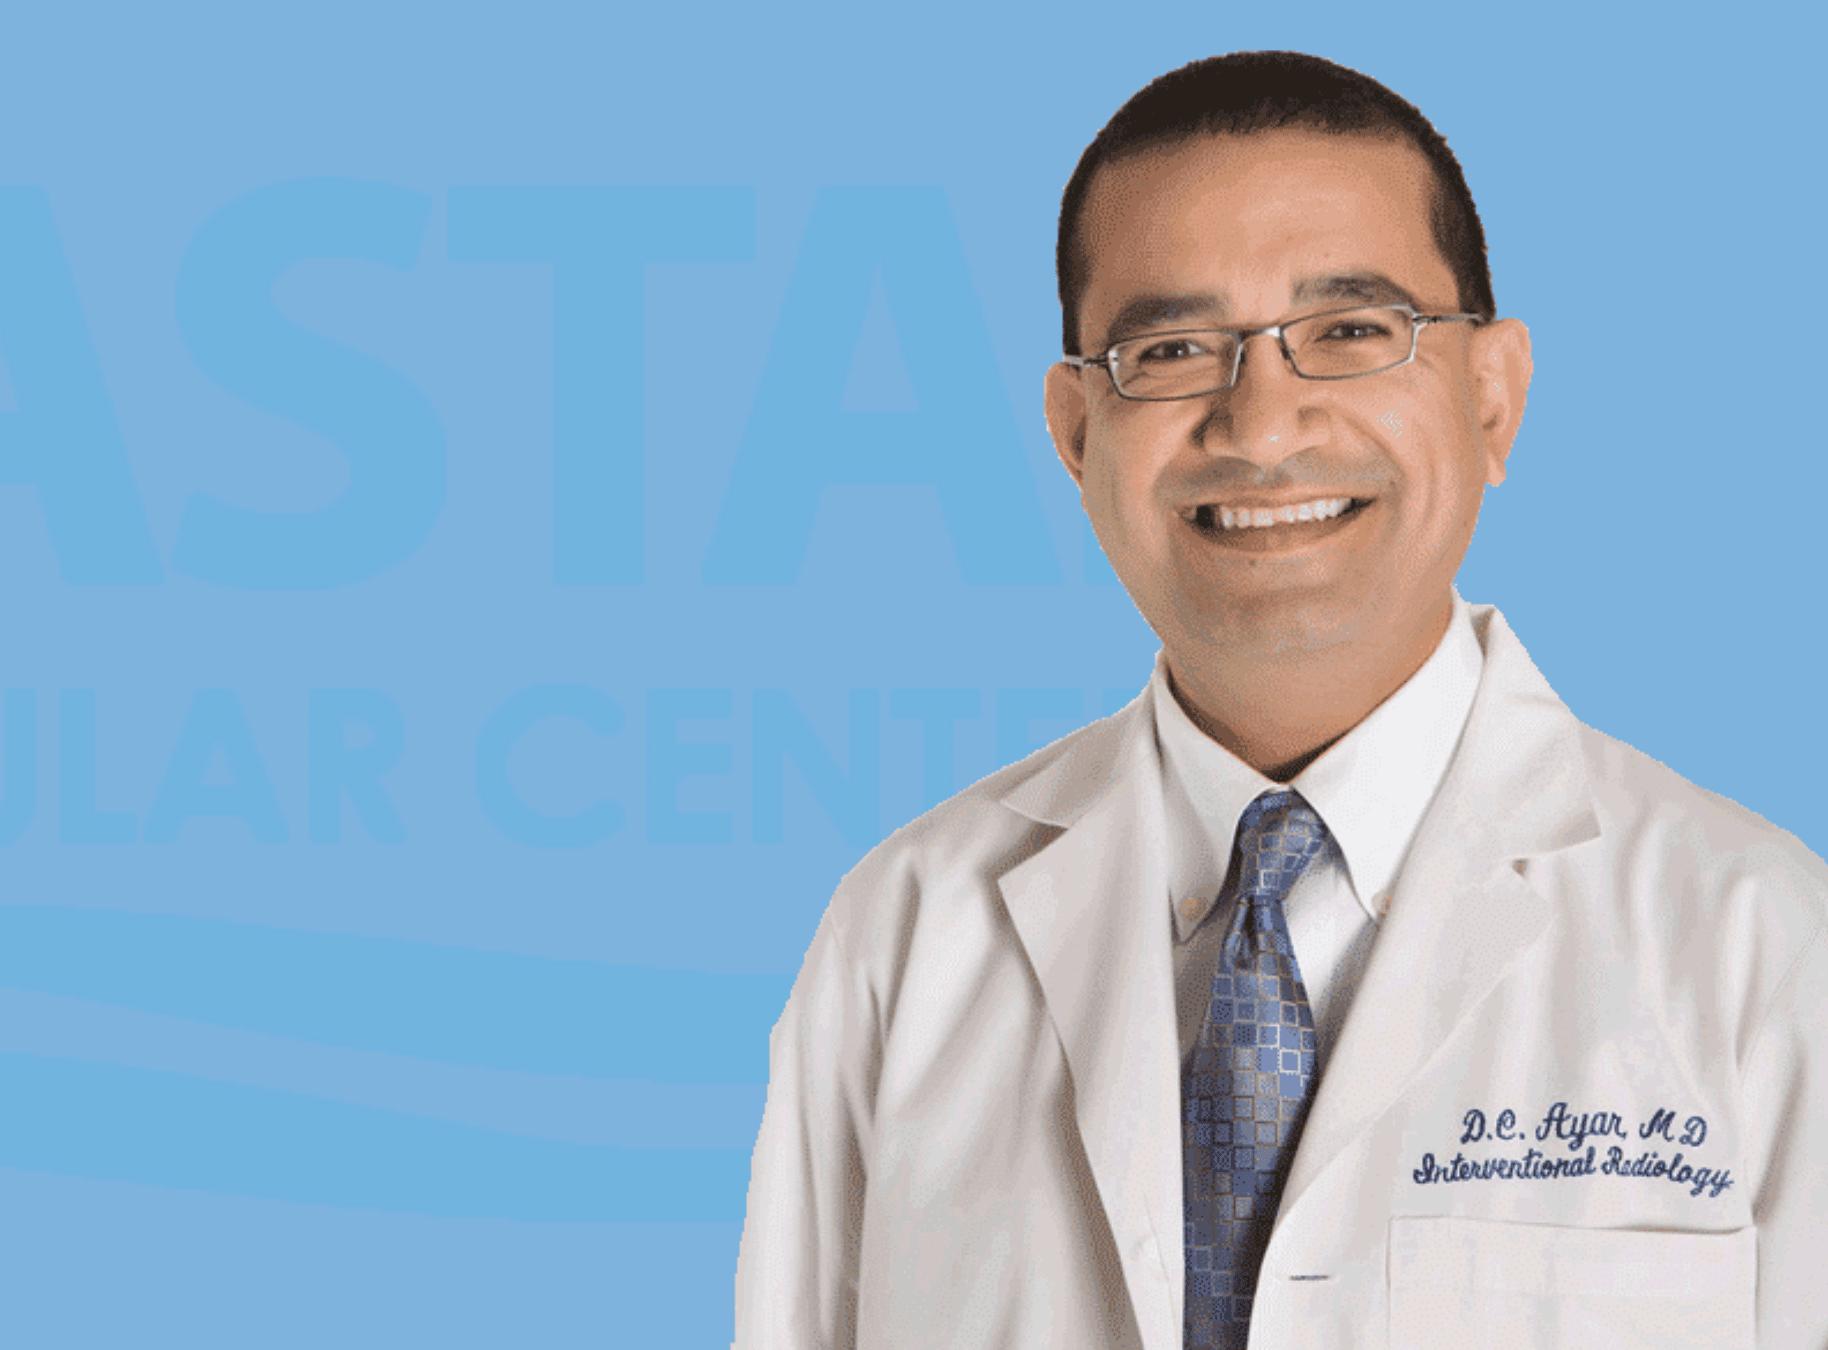 Dr. Ayar